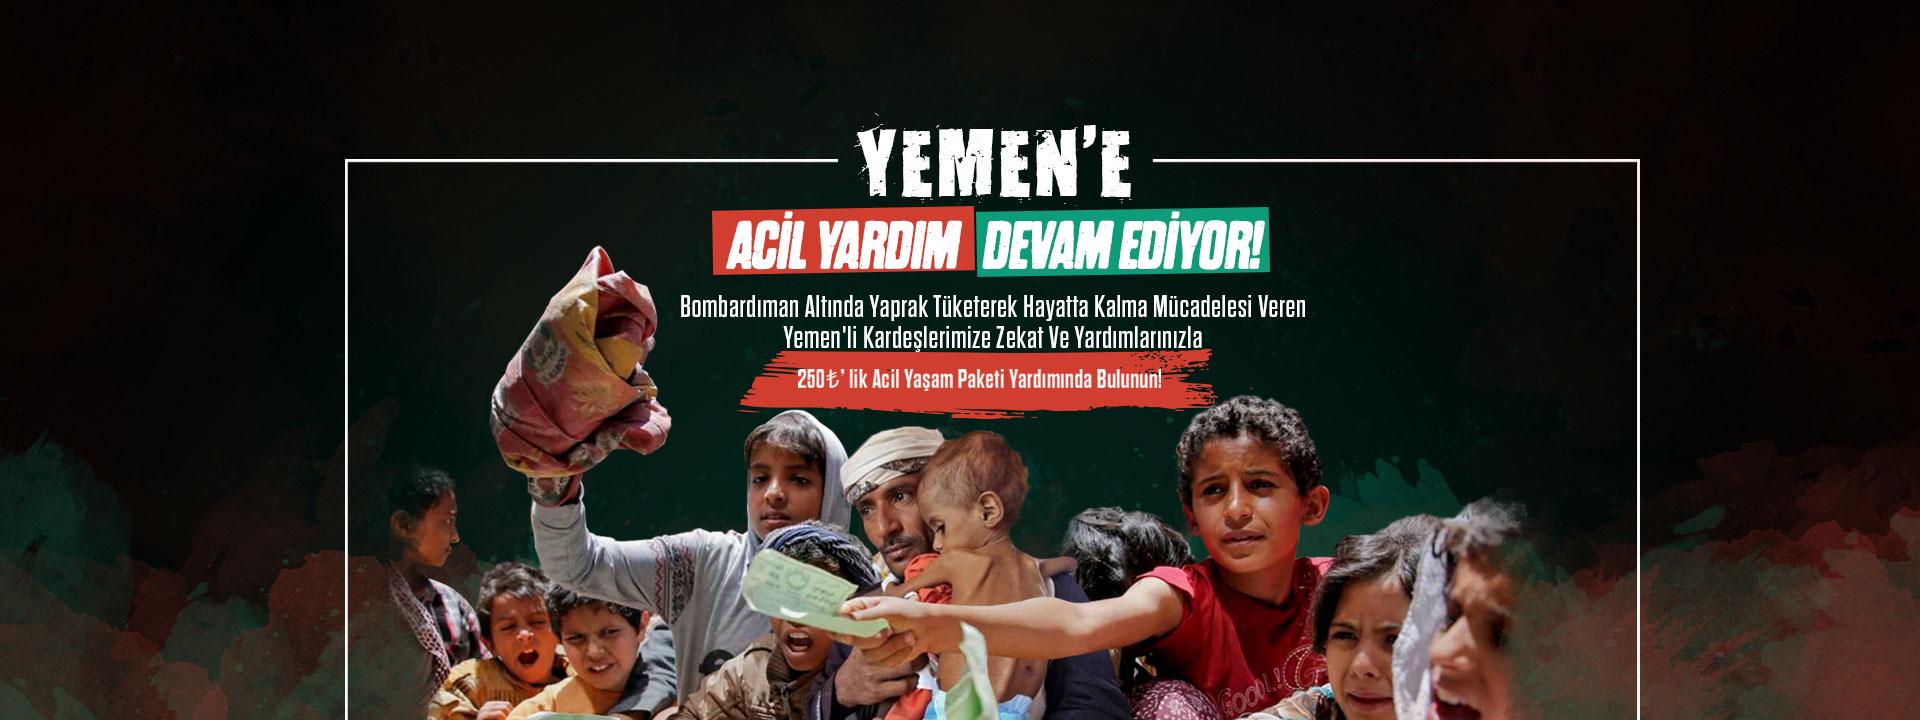 yemen-manşetti.jpg